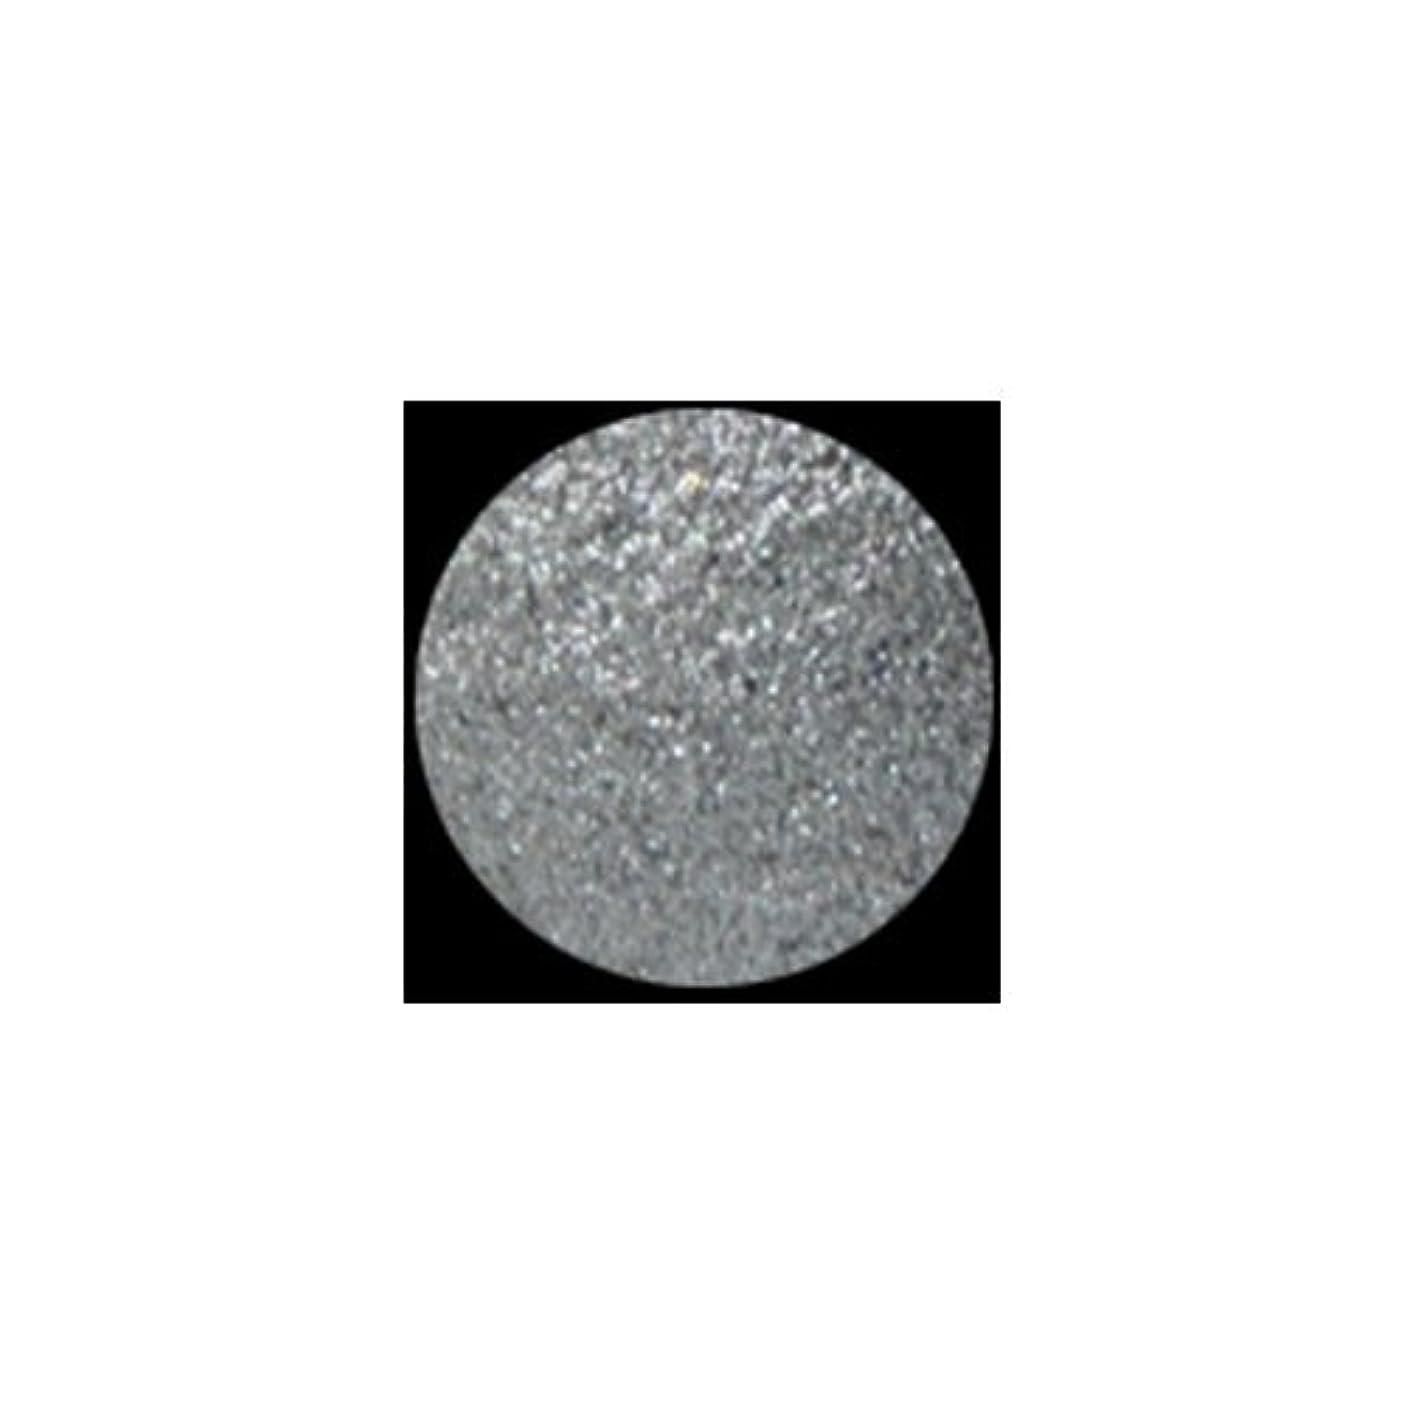 なかなか提供する軽蔑KLEANCOLOR American Eyedol (Wet/Dry Baked Eyeshadow) - Glitter Midnight (並行輸入品)